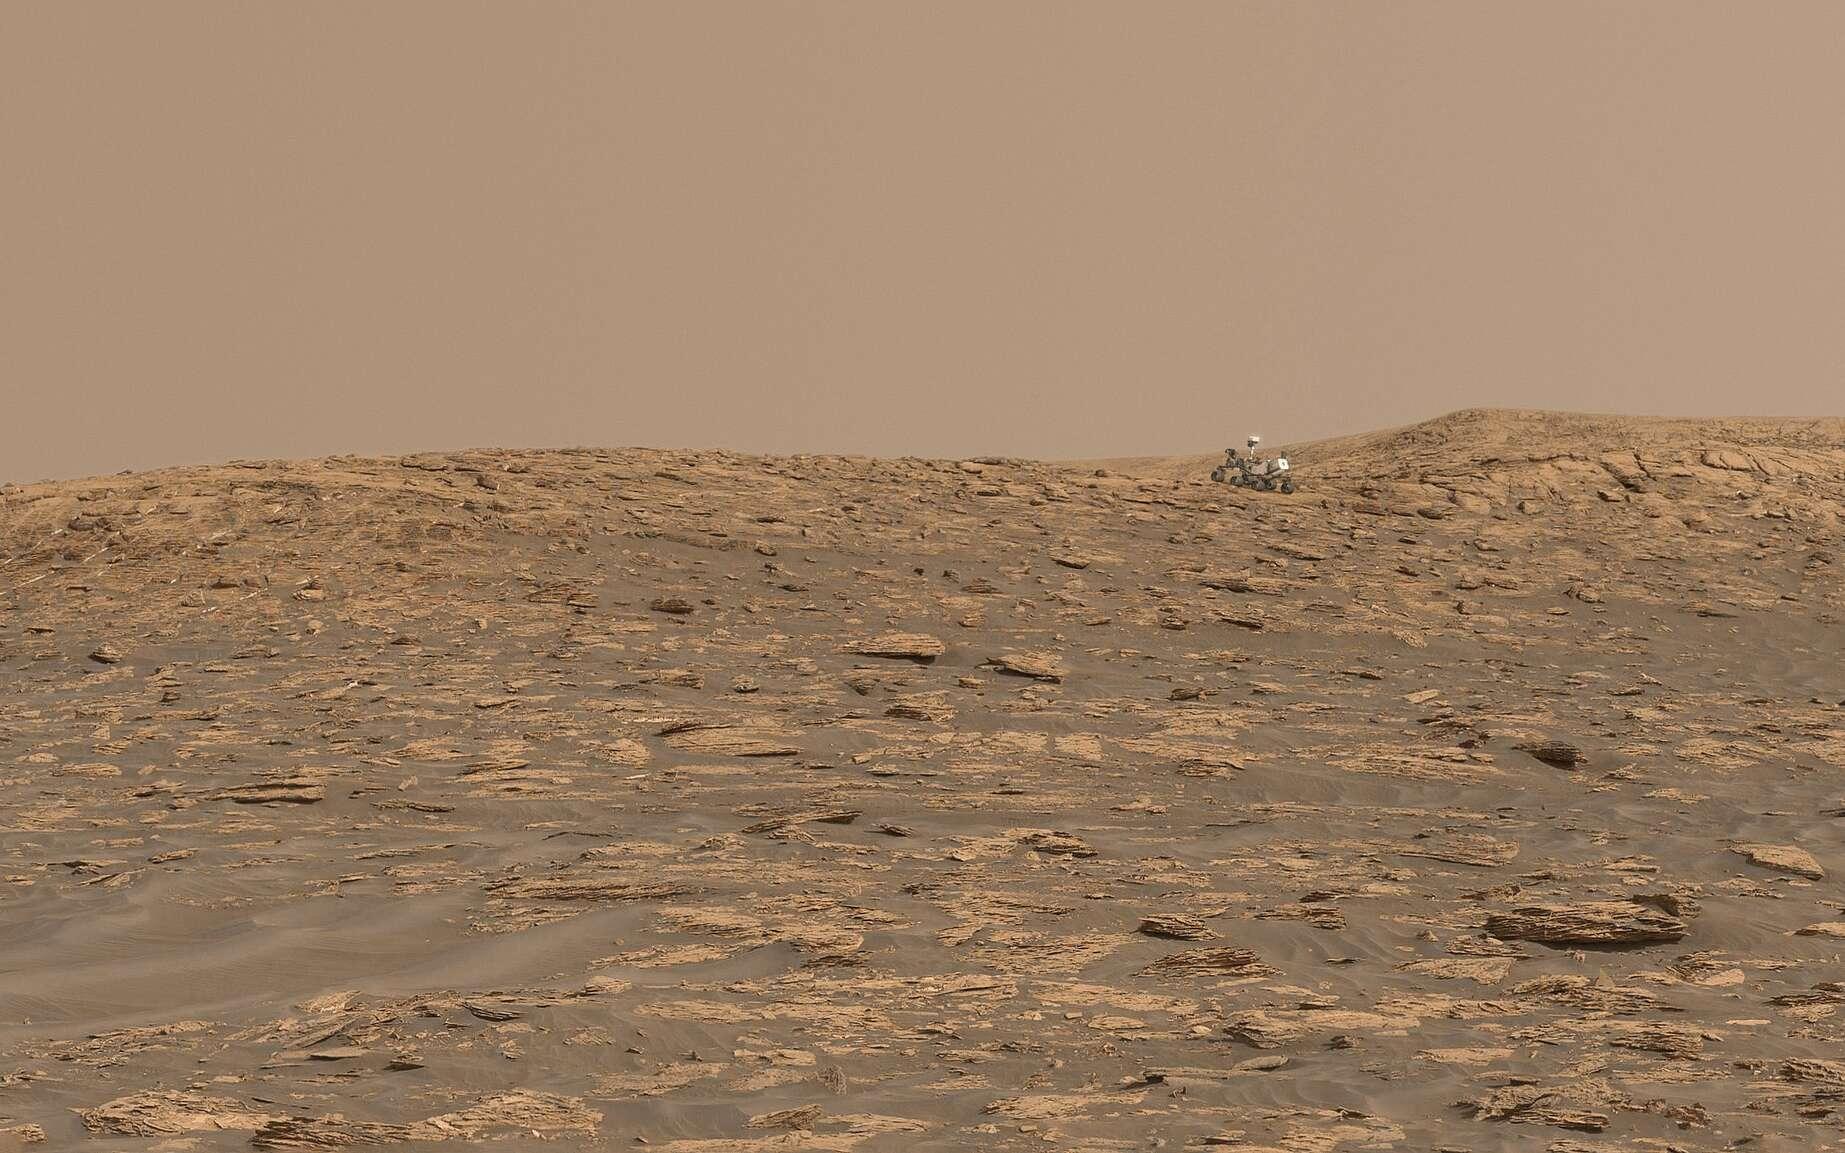 Paysage martien autour de Curiosity. Le rover, mis à la bonne échelle, a été superposé à l'image originale. © Sean Doran, Nasa, JPL-Caltech